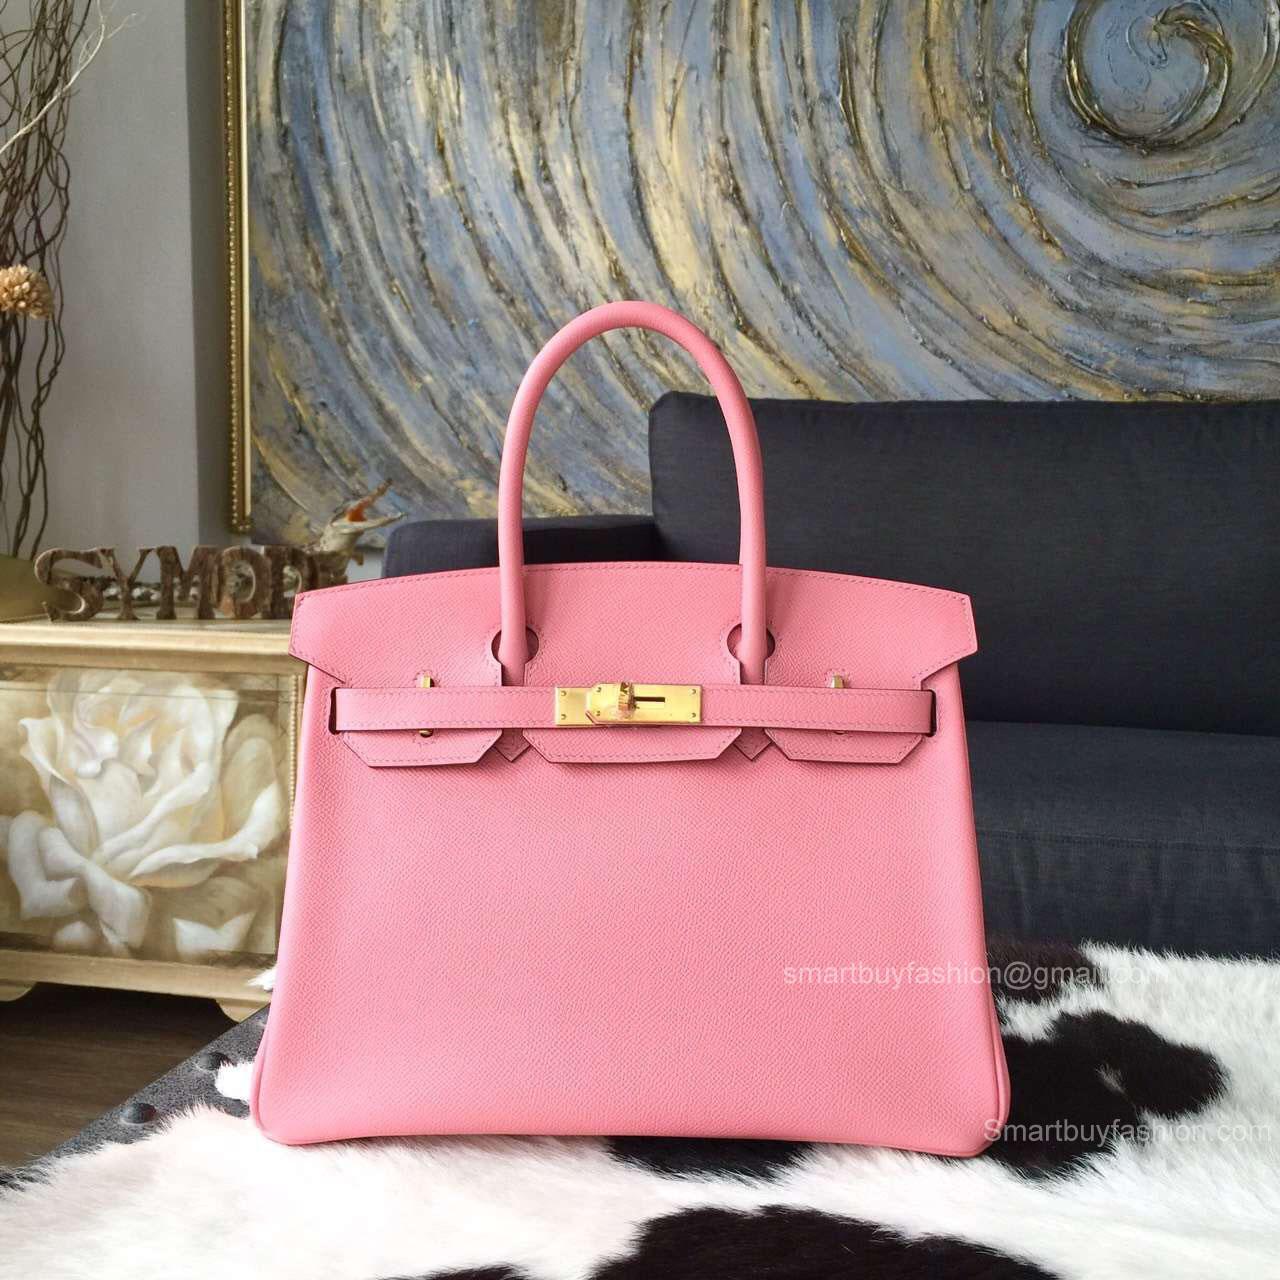 47d172fd4a Hermes Birkin 35 Bag Rose Confetti 1q Epsom Leather Handstitched Gold hw